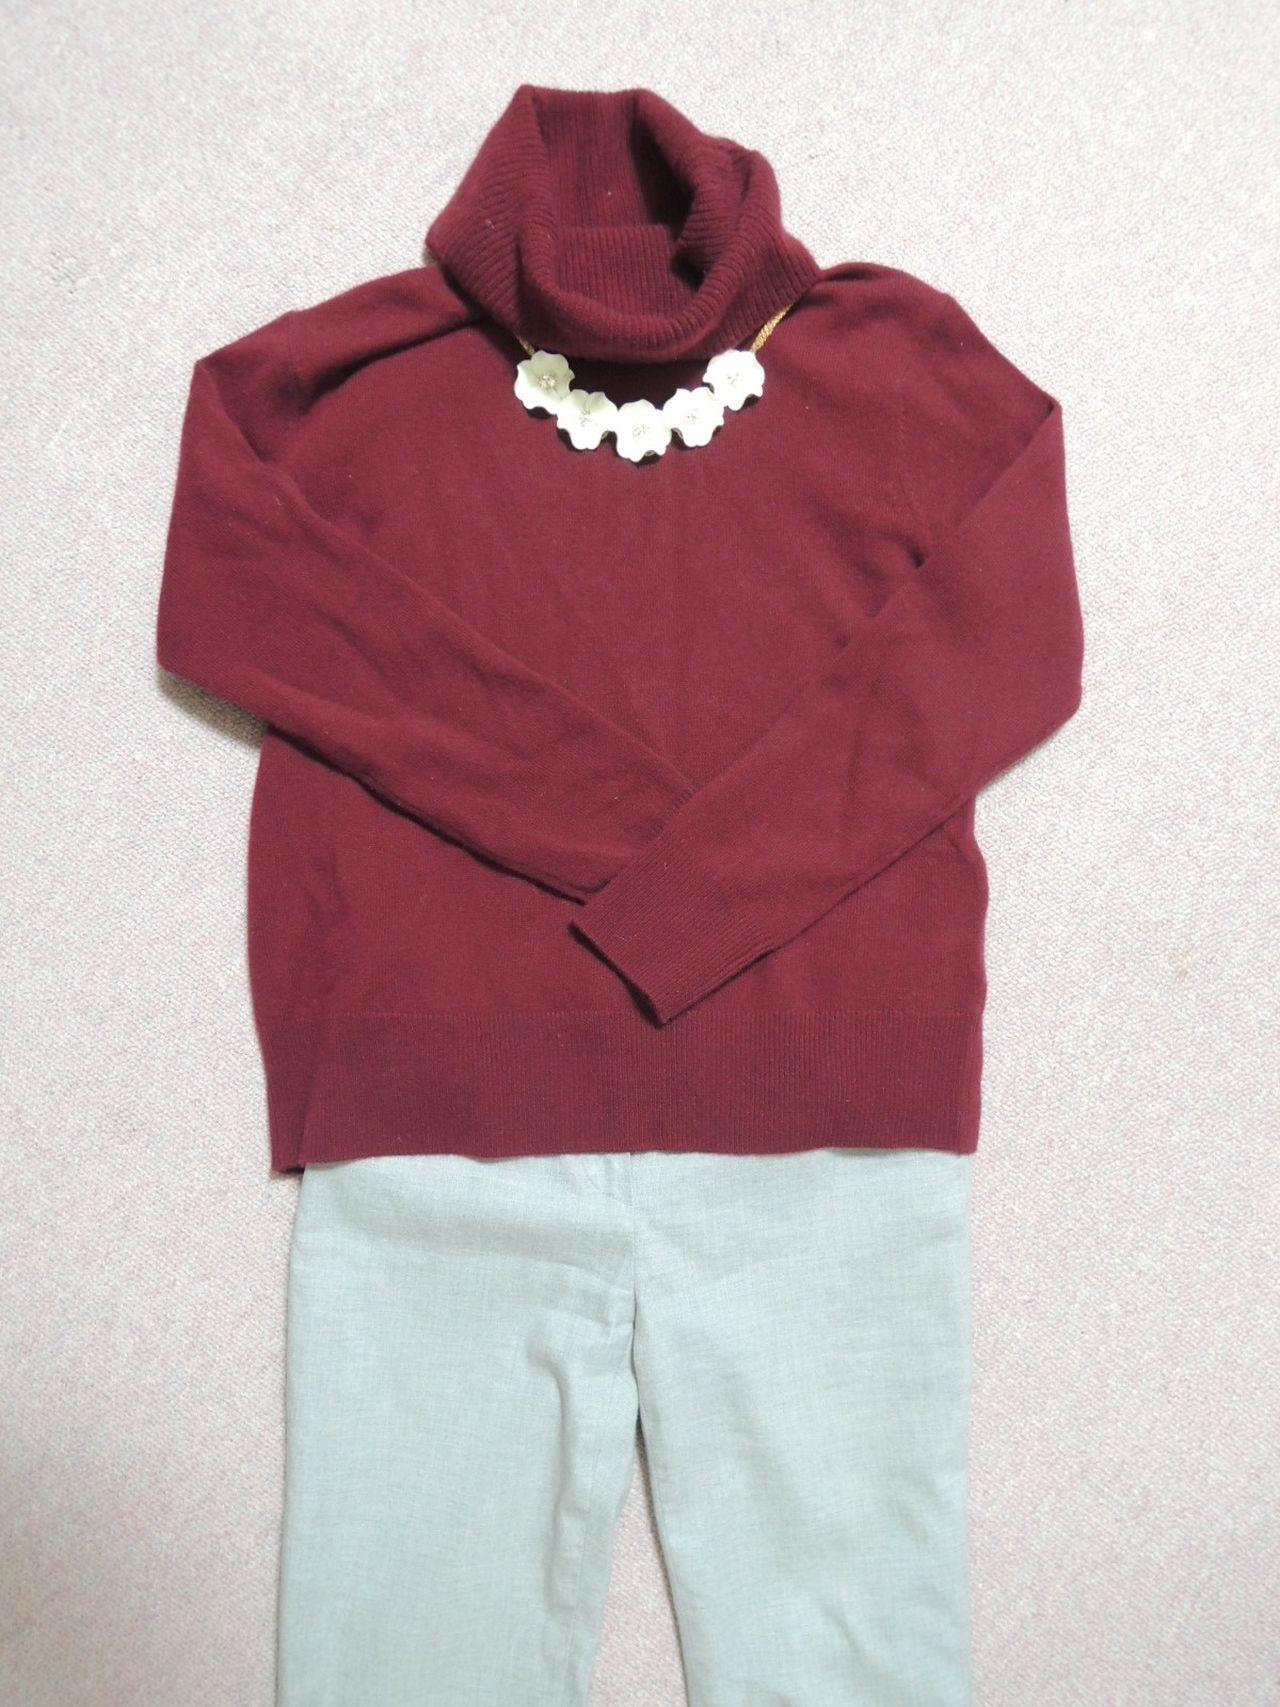 タートルネックセーターと合わせた様子2